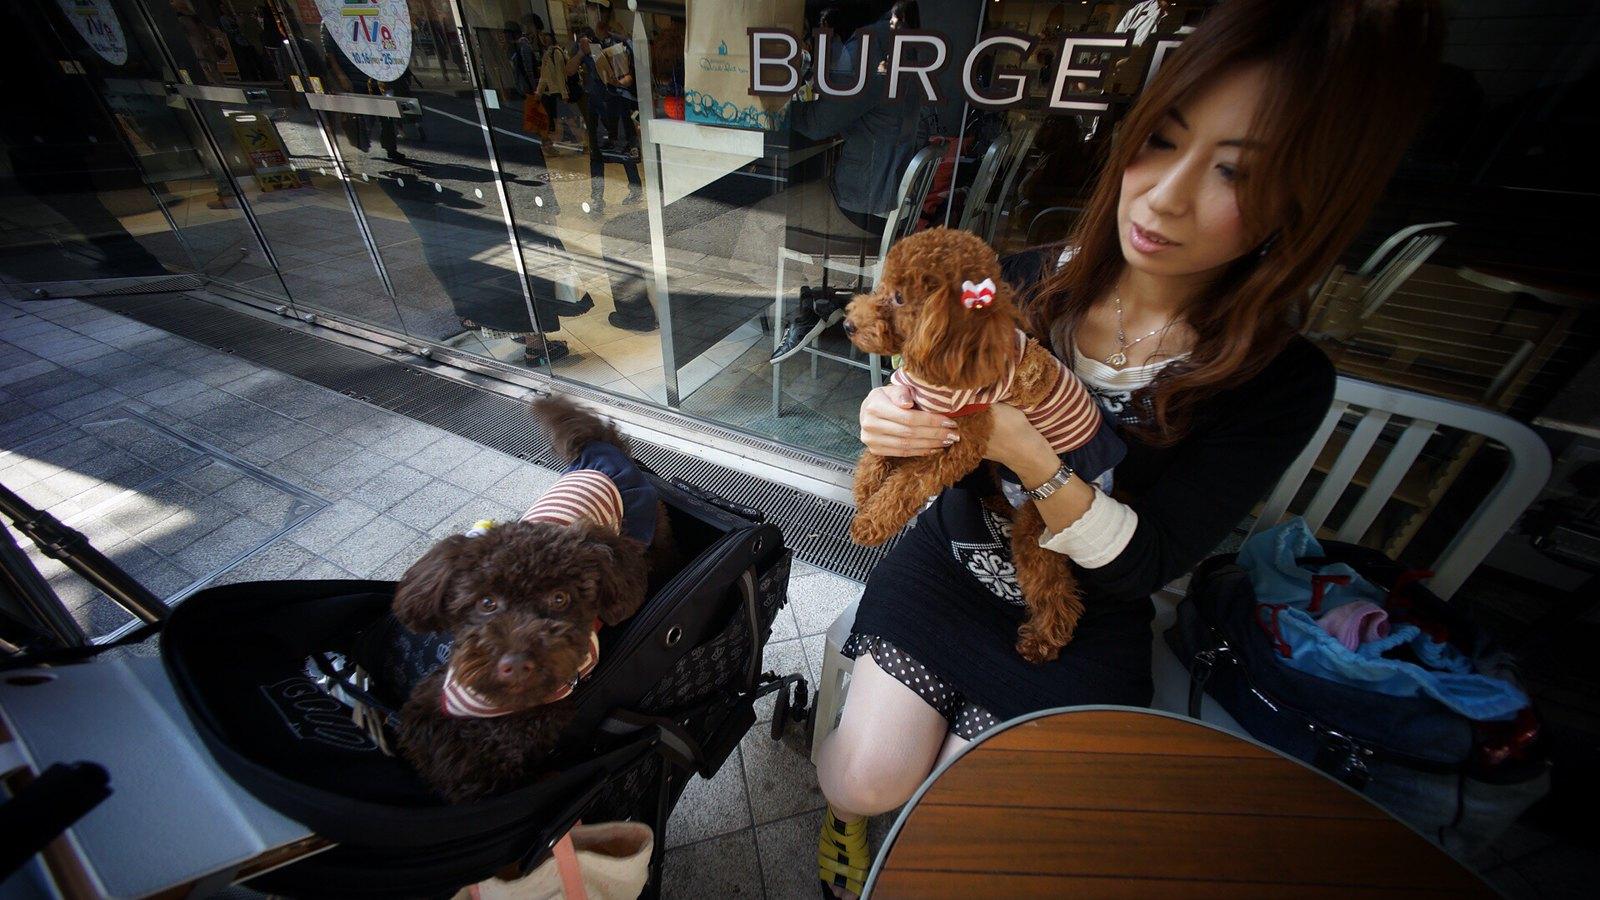 Matthew Joseph: Japanese Dog Photographer. #SonyA7 #Shibuya #Tokyo #Voigtlander12mm #dogsofinstagram #foto #japan15